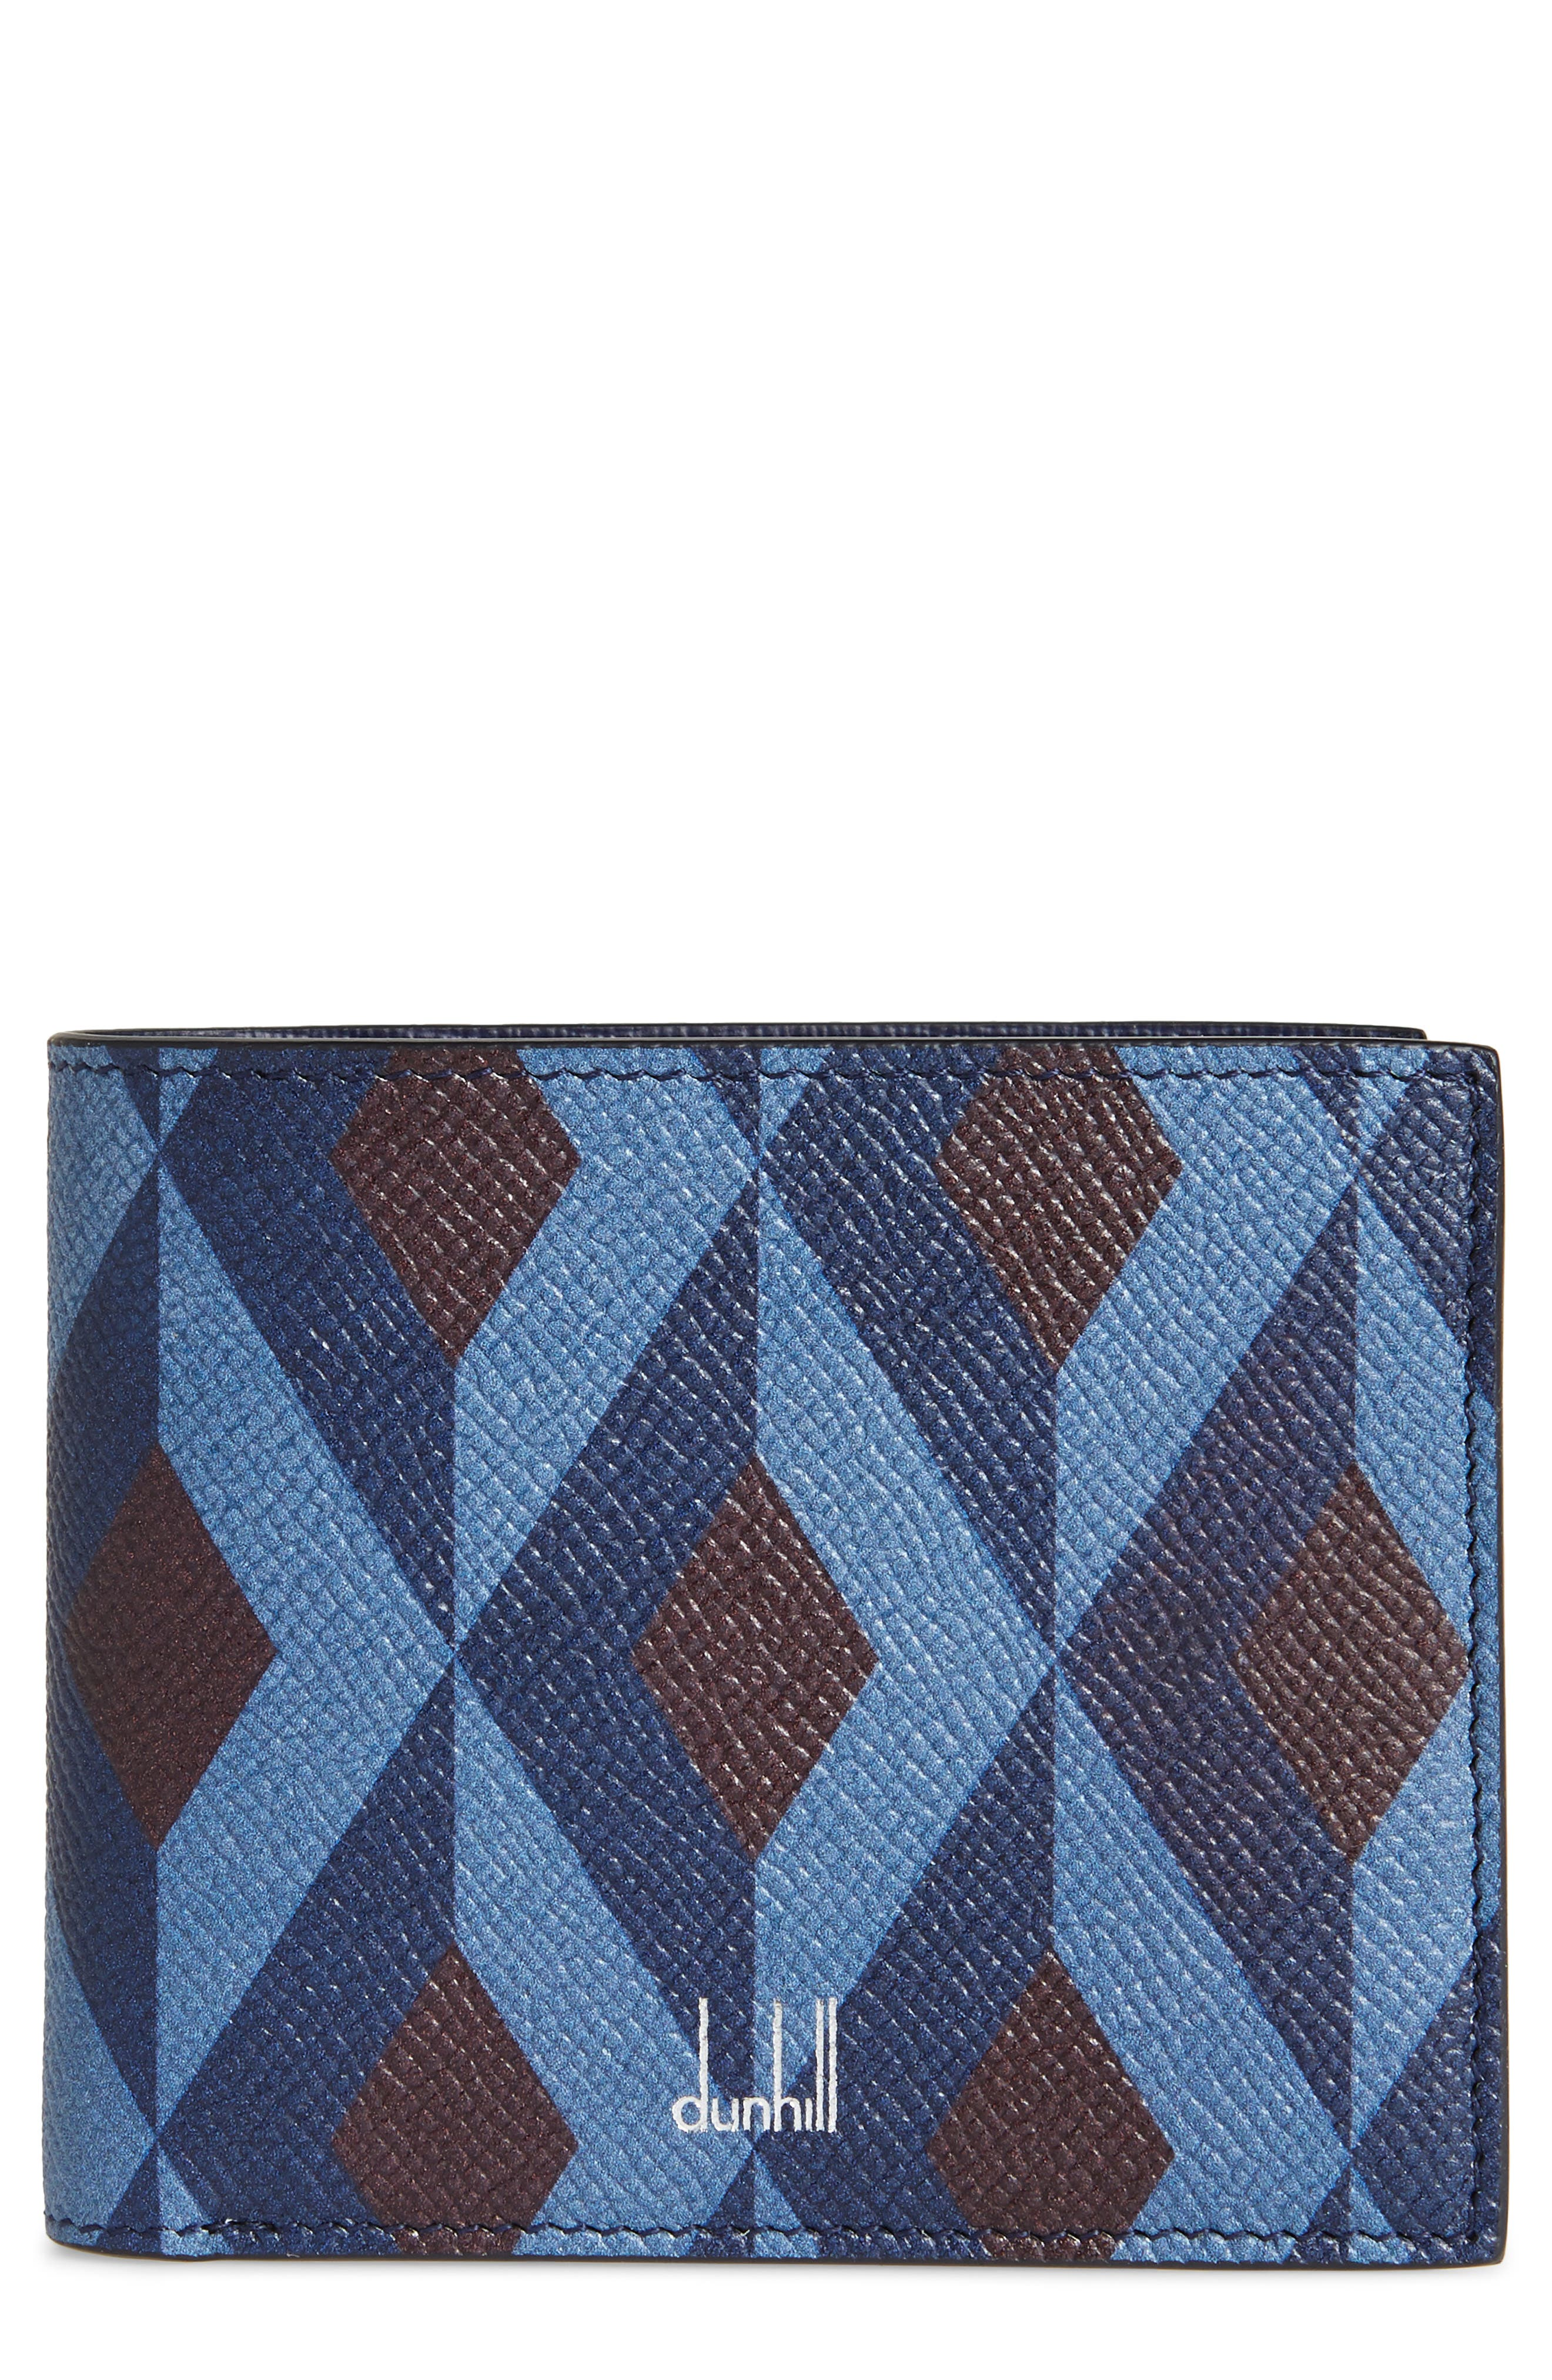 Cadogan Leather Wallet,                         Main,                         color, Navy